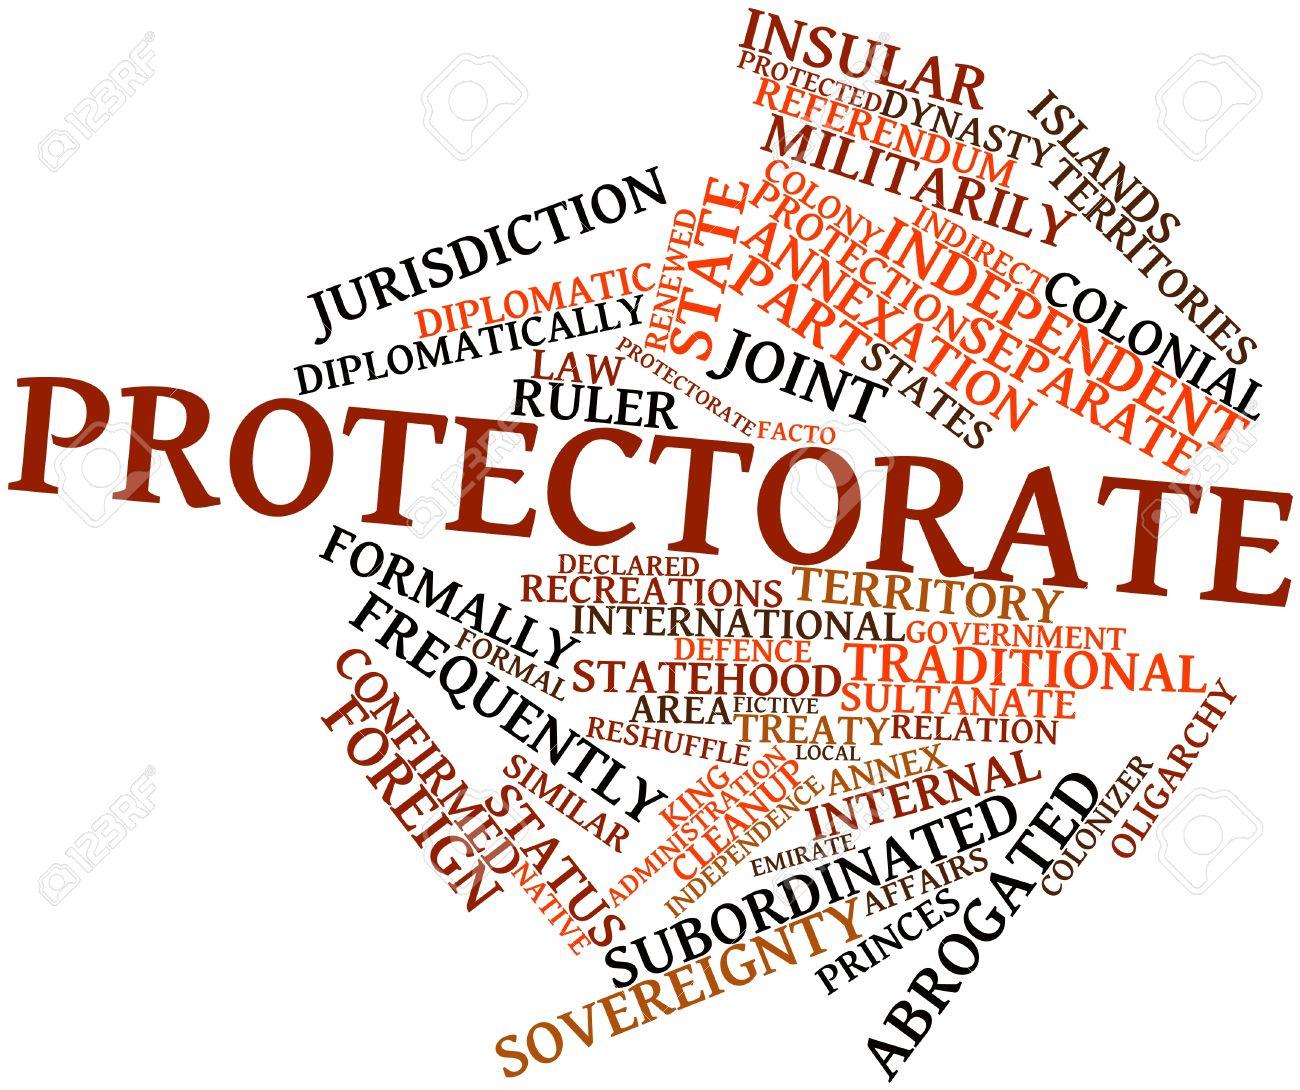 関連するタグと用語保護国の抽象...